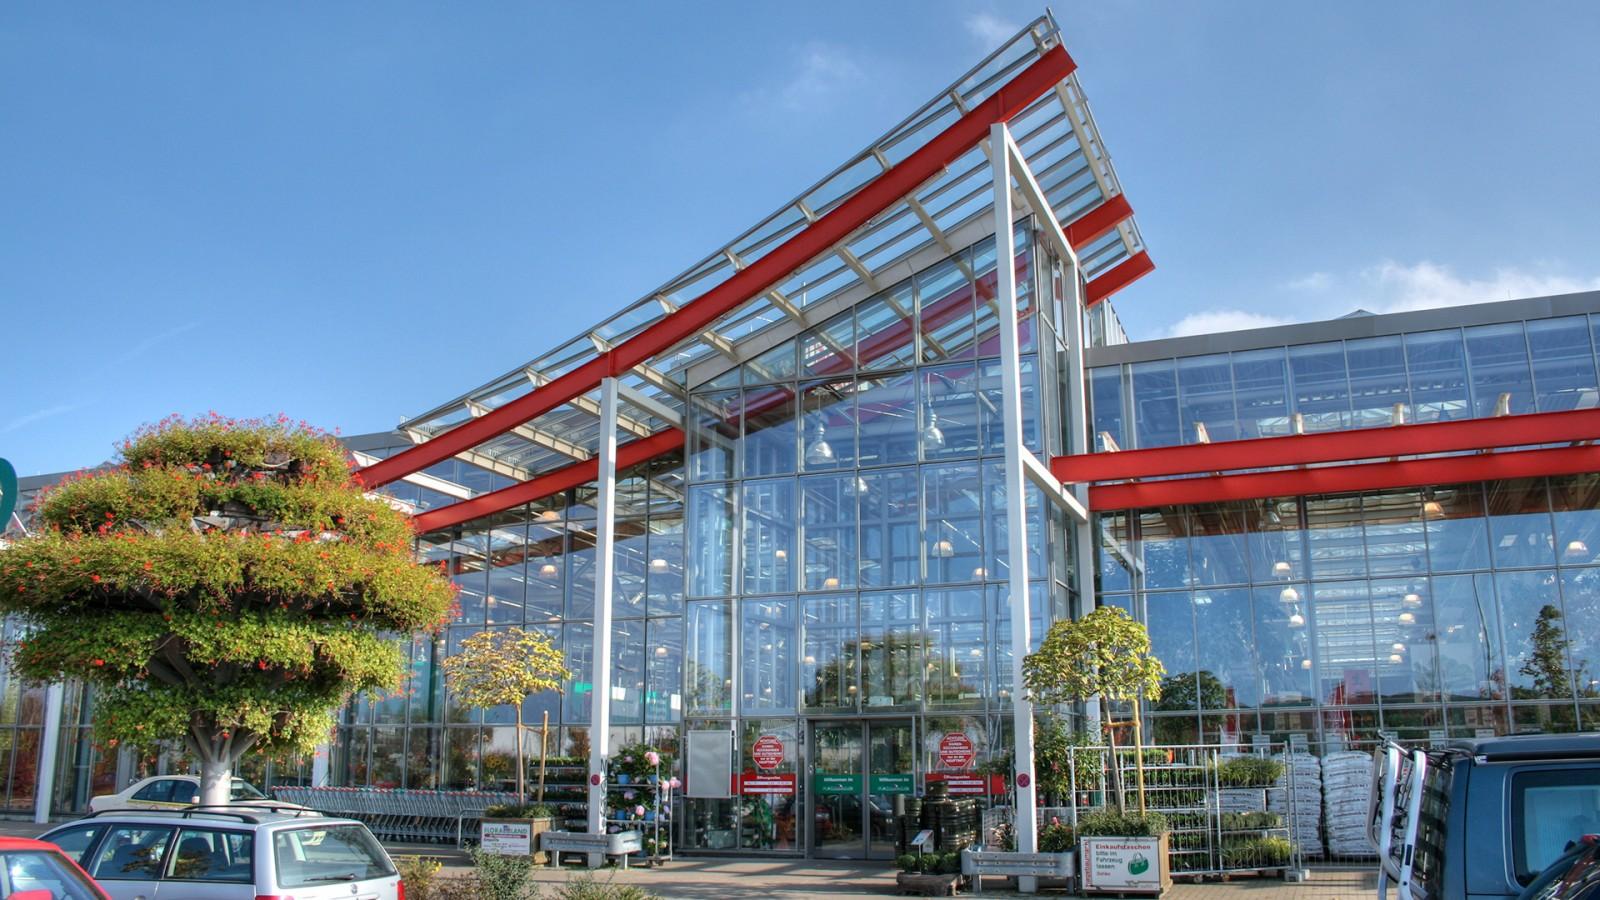 Hagebaumarkt Empelde | JUNG - Architekturbüro, Innenarchitekturbüro Hildesheim